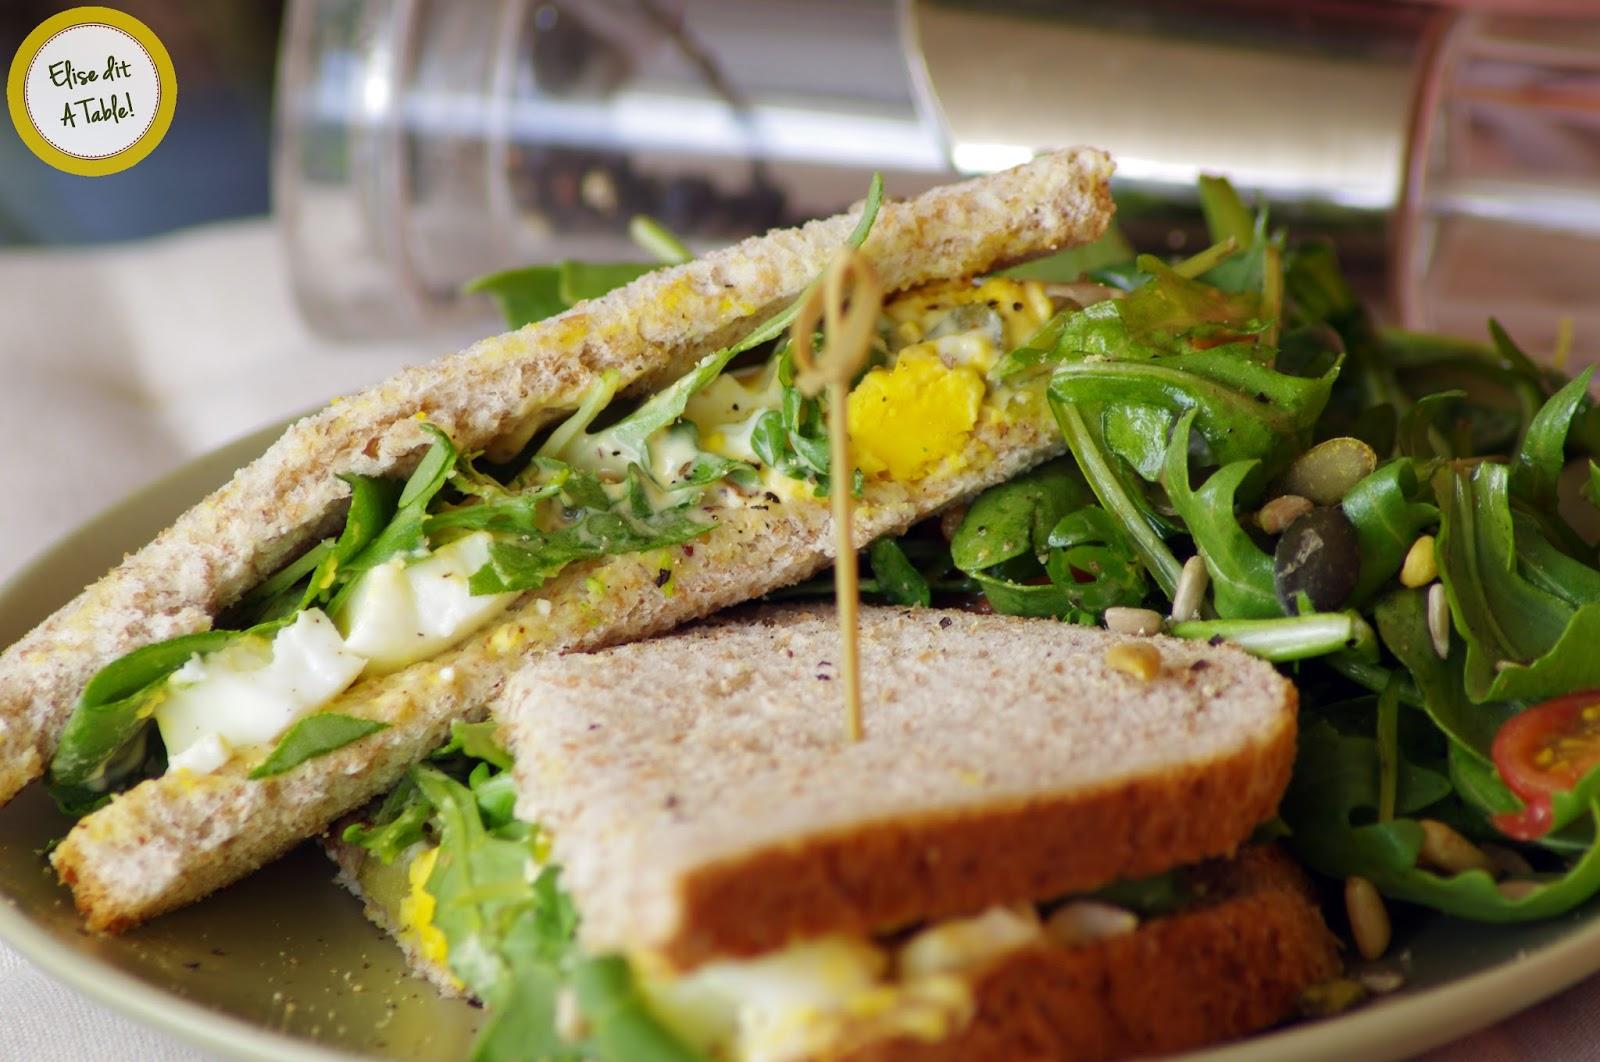 Recette sandwich aux oeufs durs blog cuisine - Recette avec oeuf dur ...